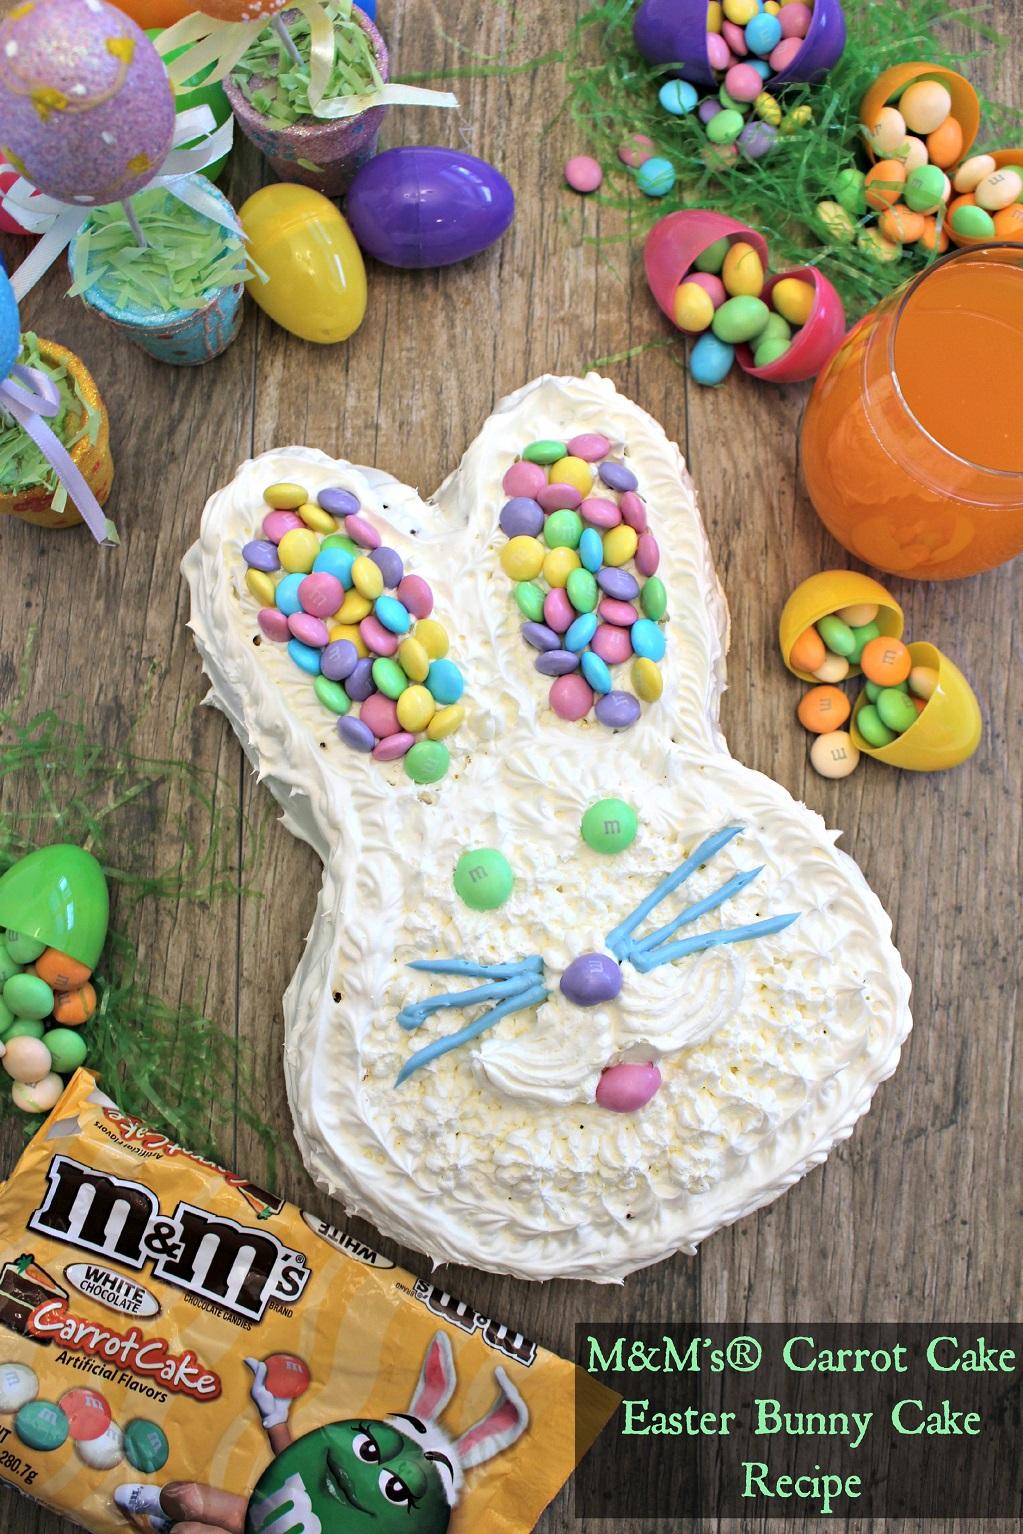 MMS-Carrot-Cake-Easter-Bunny-Cake